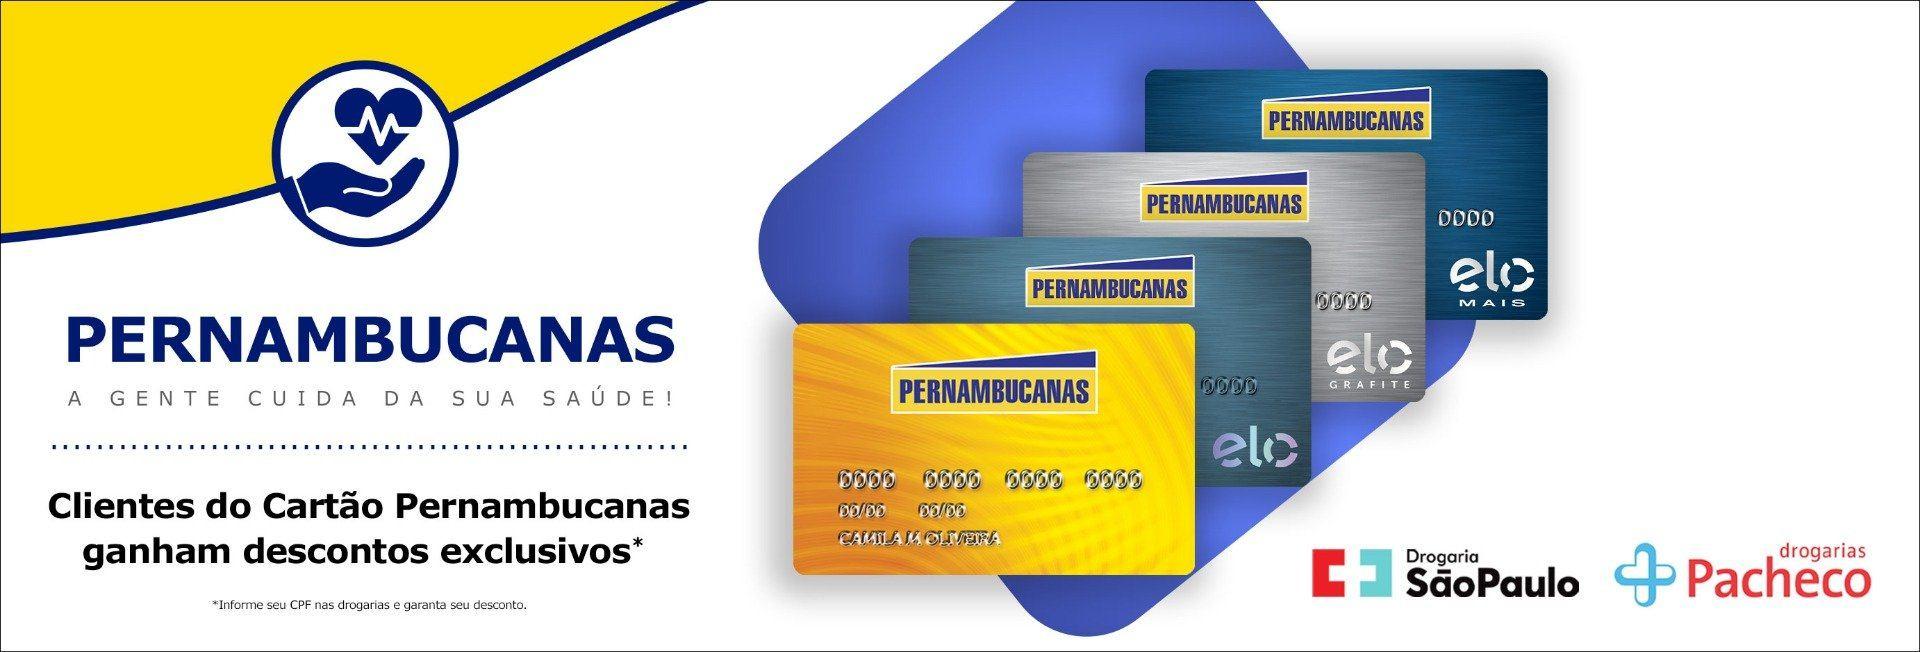 Desconto em Compras - Saiba como solicitar o Cartão Pernambucanas sem anuidade